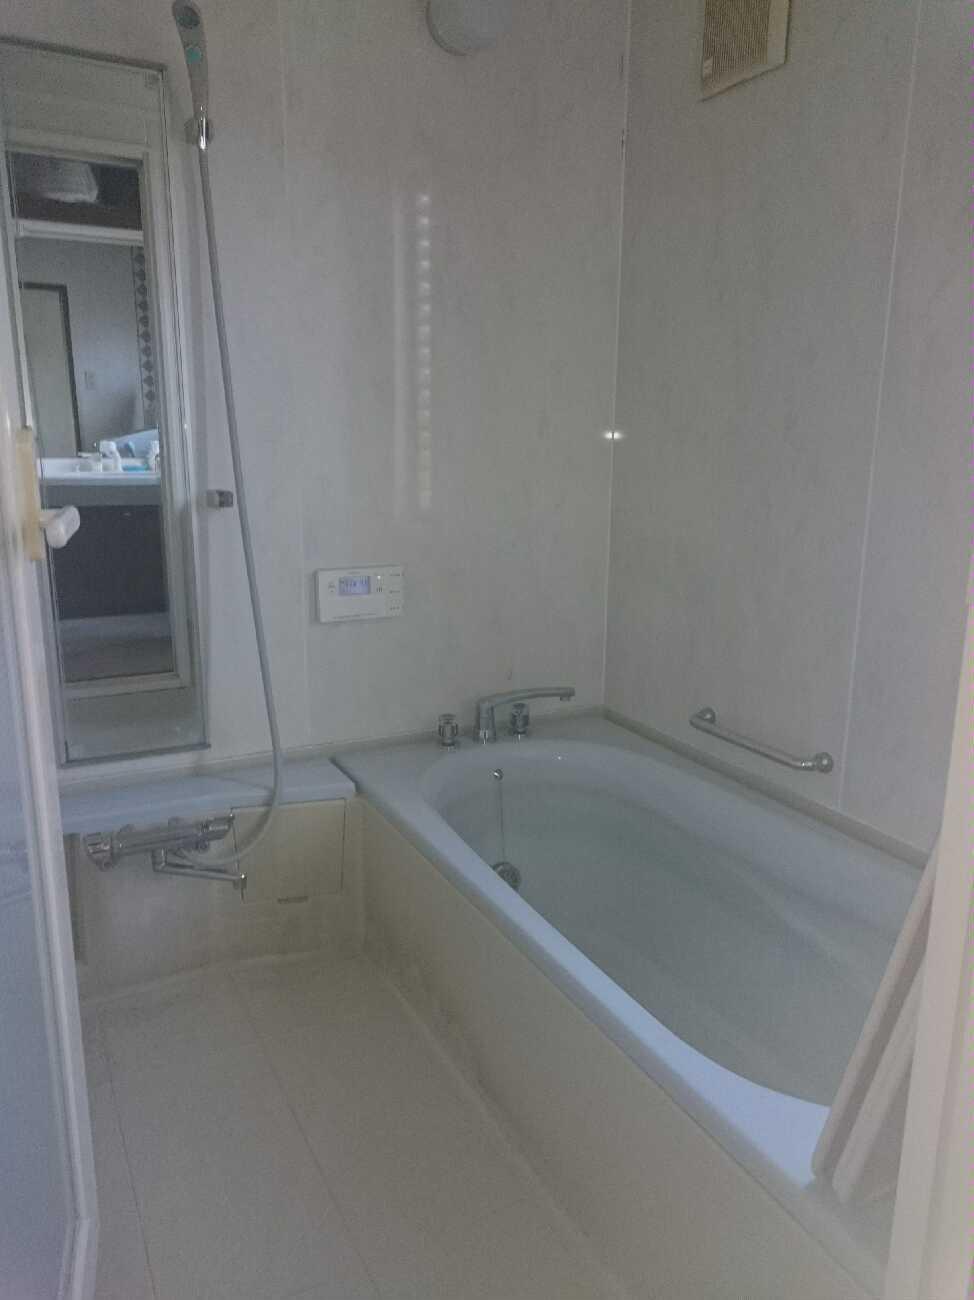 オール電化のヒシダデンキ 浴室・トイレリフォーム工事